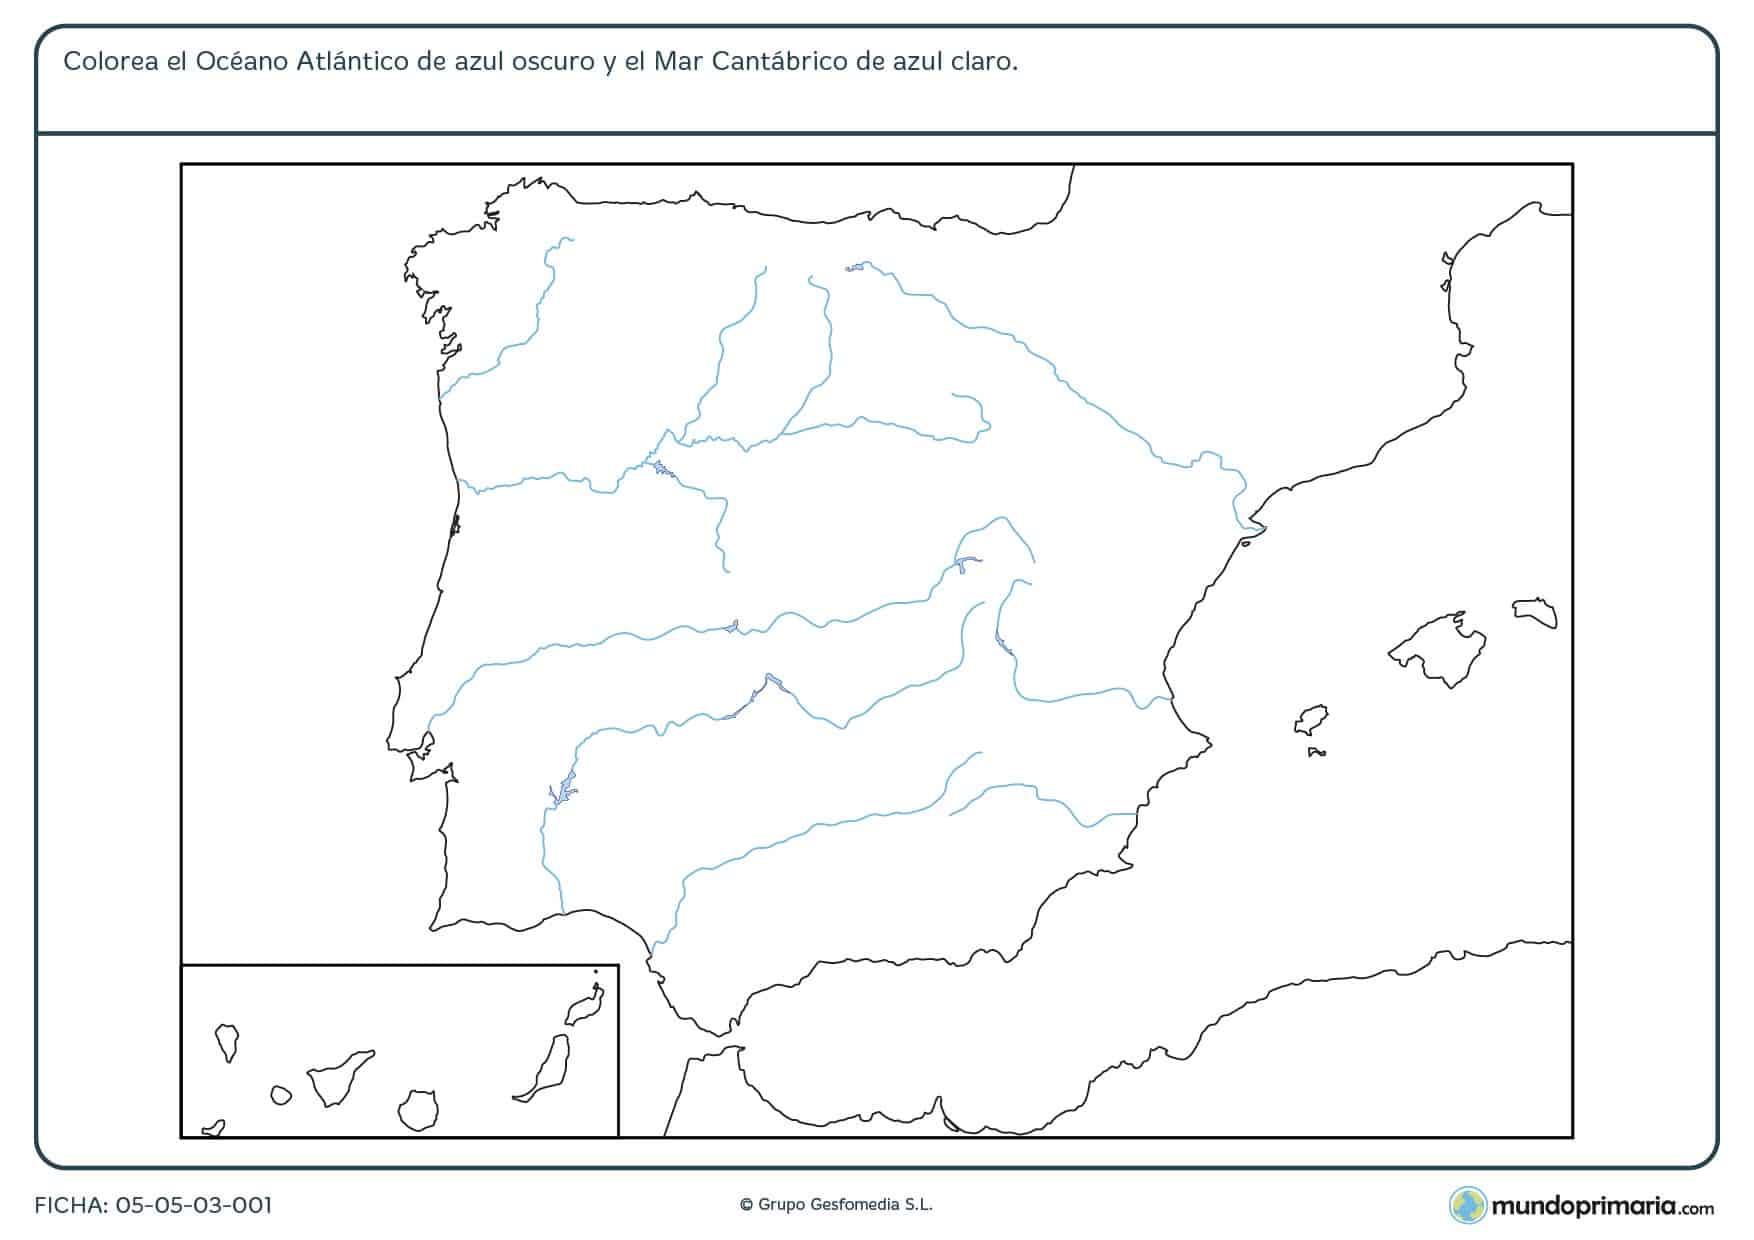 Ficha de océano y mares de la Península Ibérica en la que hay que colorear los que se nos piden del mapa.